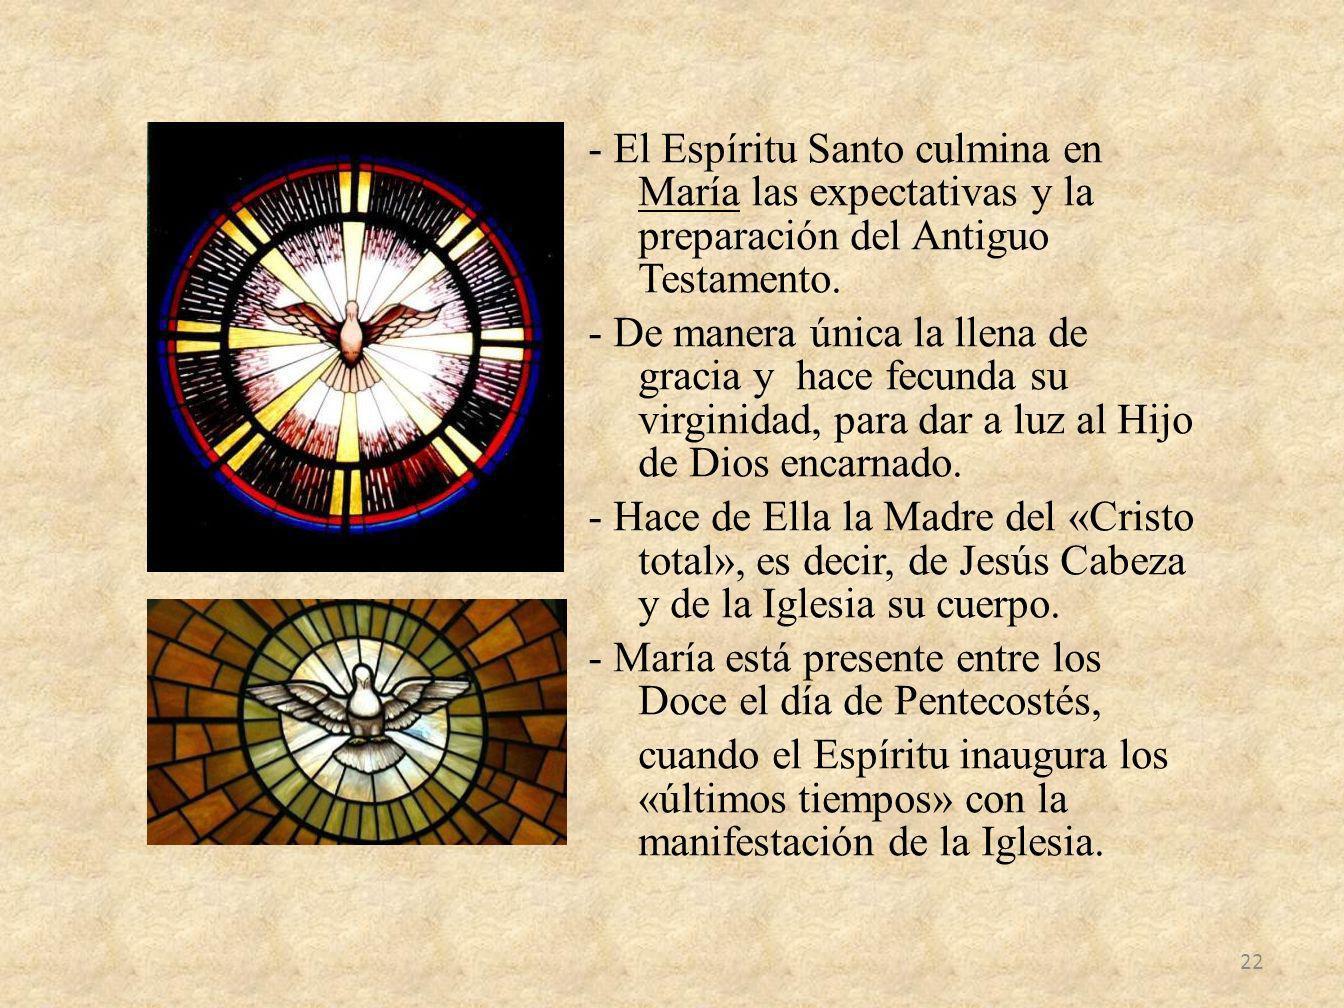 - El Espíritu Santo culmina en María las expectativas y la preparación del Antiguo Testamento.